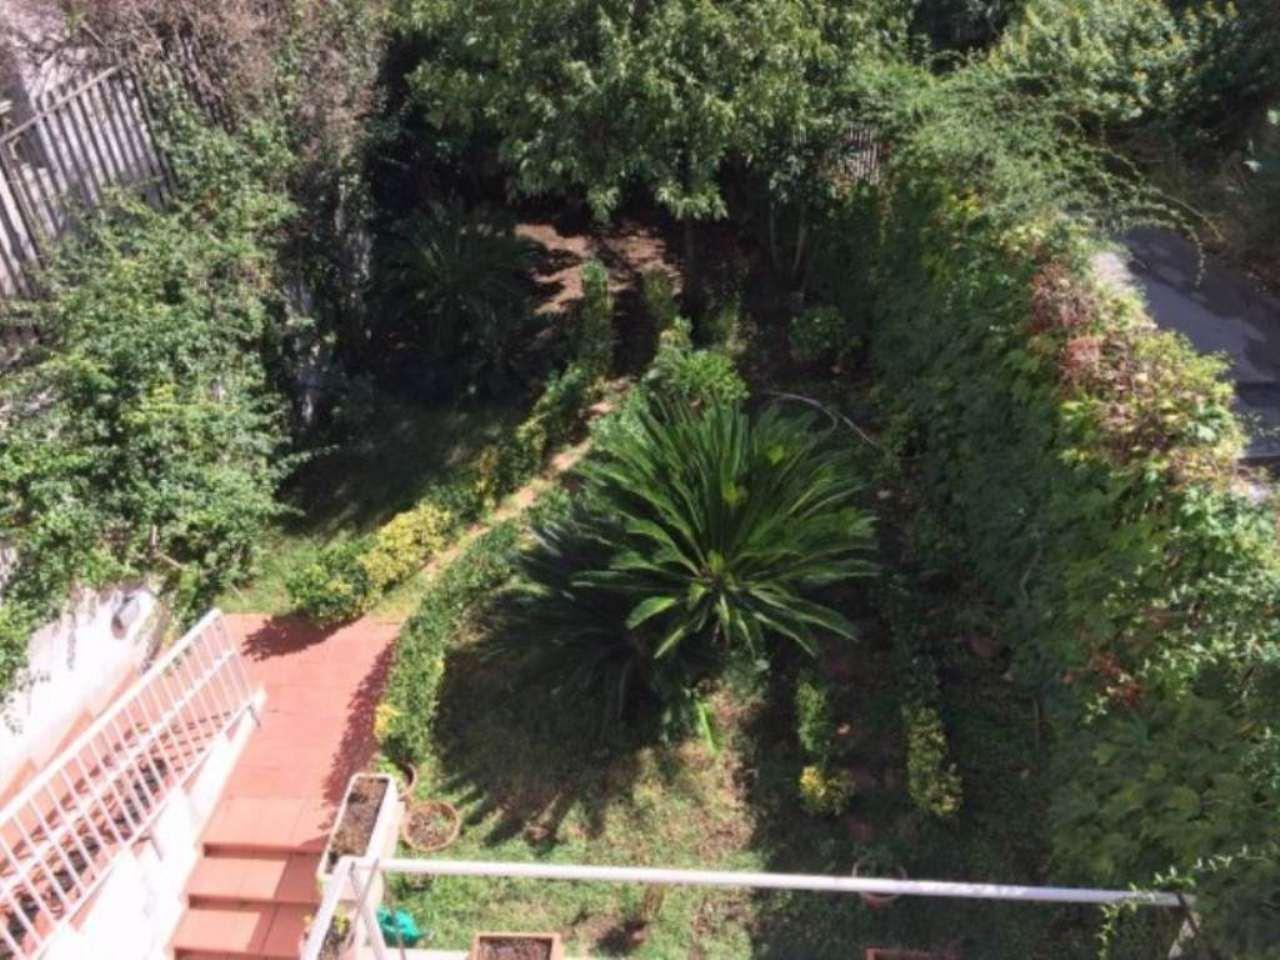 Villa in vendita a Napoli, 6 locali, zona Zona: 5 . Vomero, Arenella, prezzo € 1.350.000 | CambioCasa.it